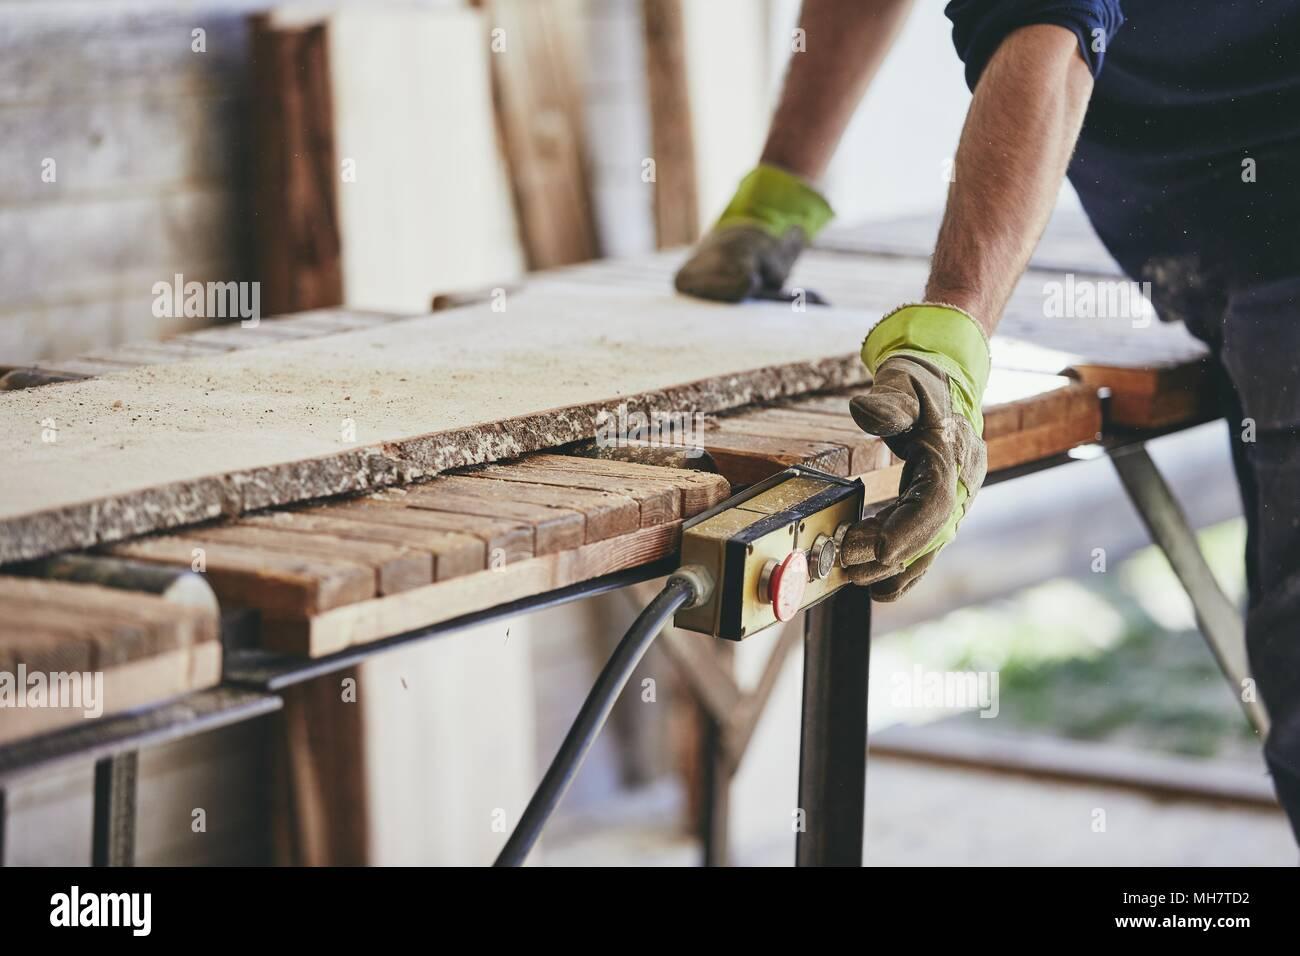 Homme travaillant dans une scierie. Mains de l'ouvrier avec gant de protection. Photo Stock